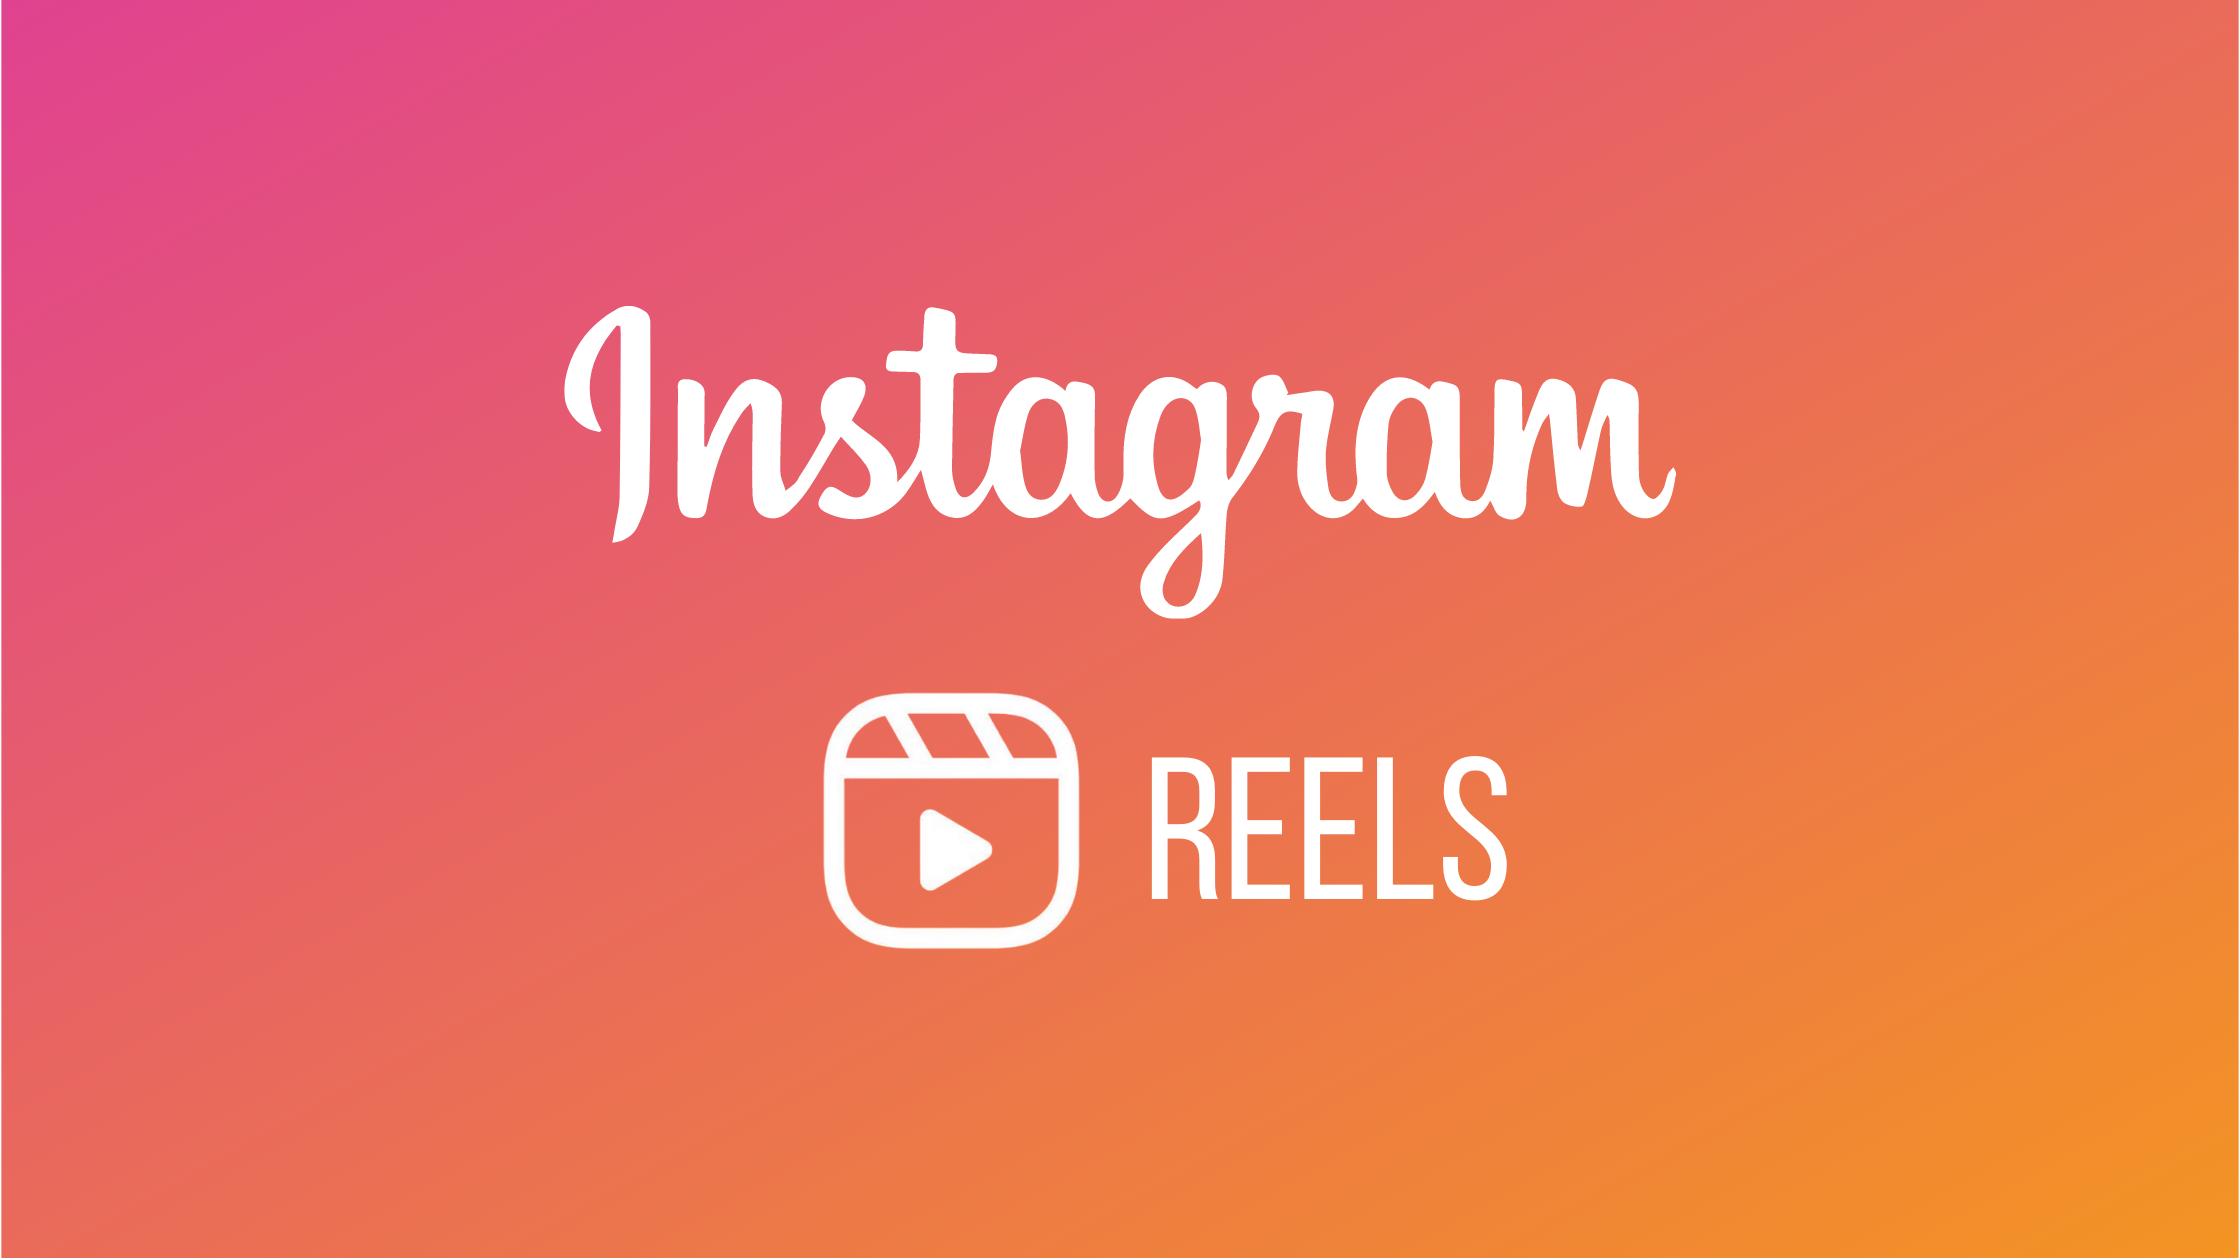 مارکترهای ایرانی برای تبلیغات Reels اینستاگرام آماده شوند!